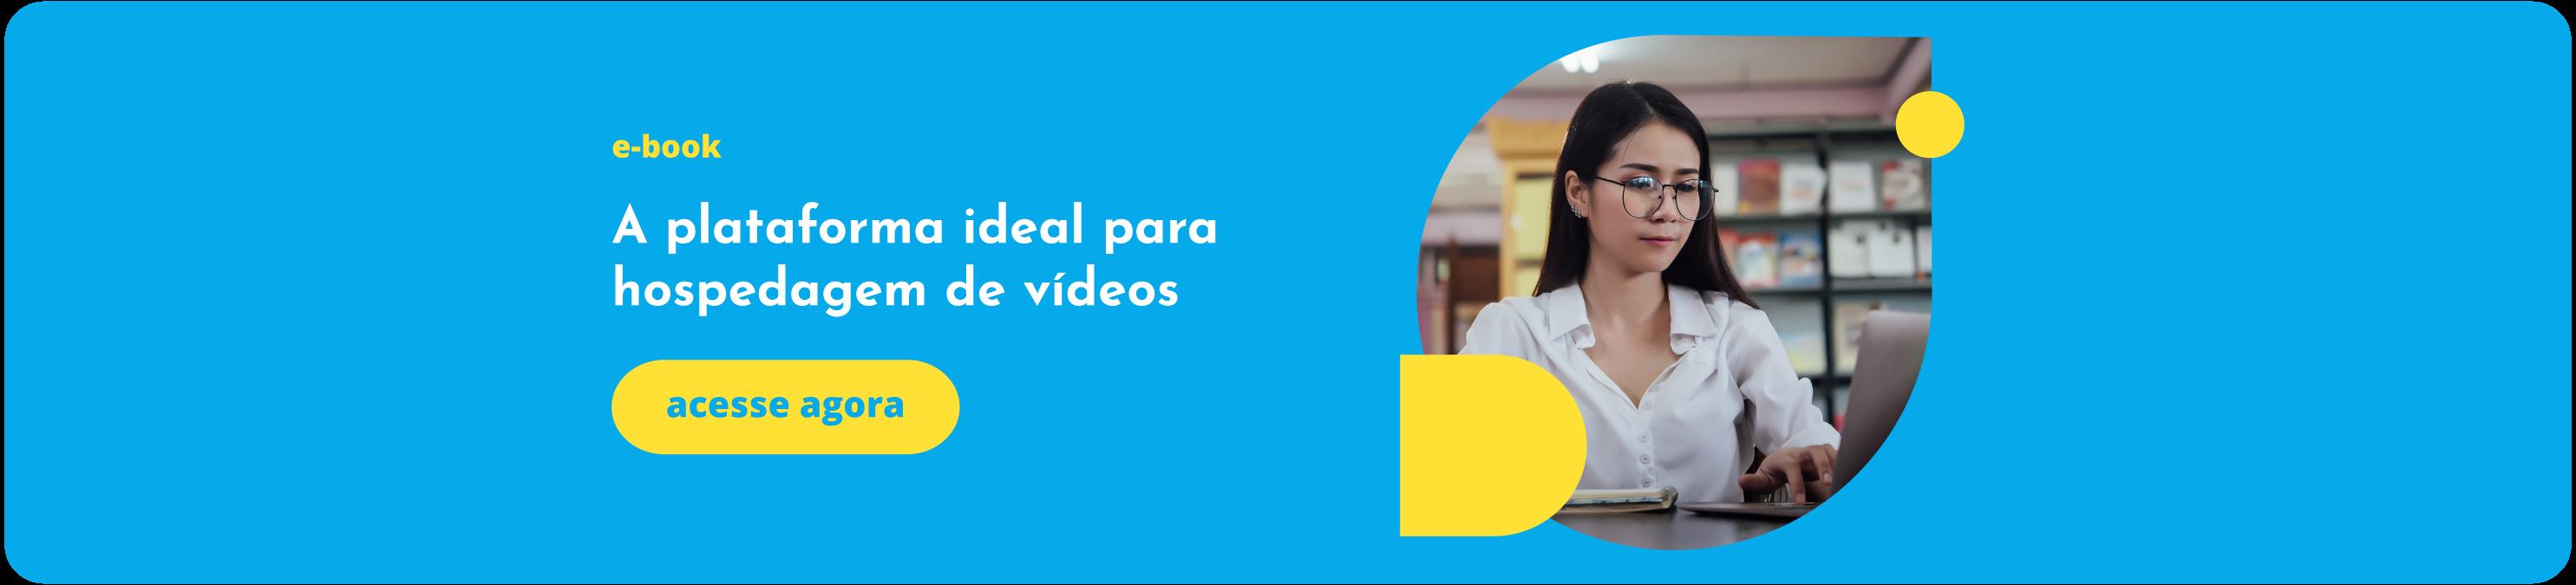 Ebook como escolher a plataforma ideal para hospedagem de videos